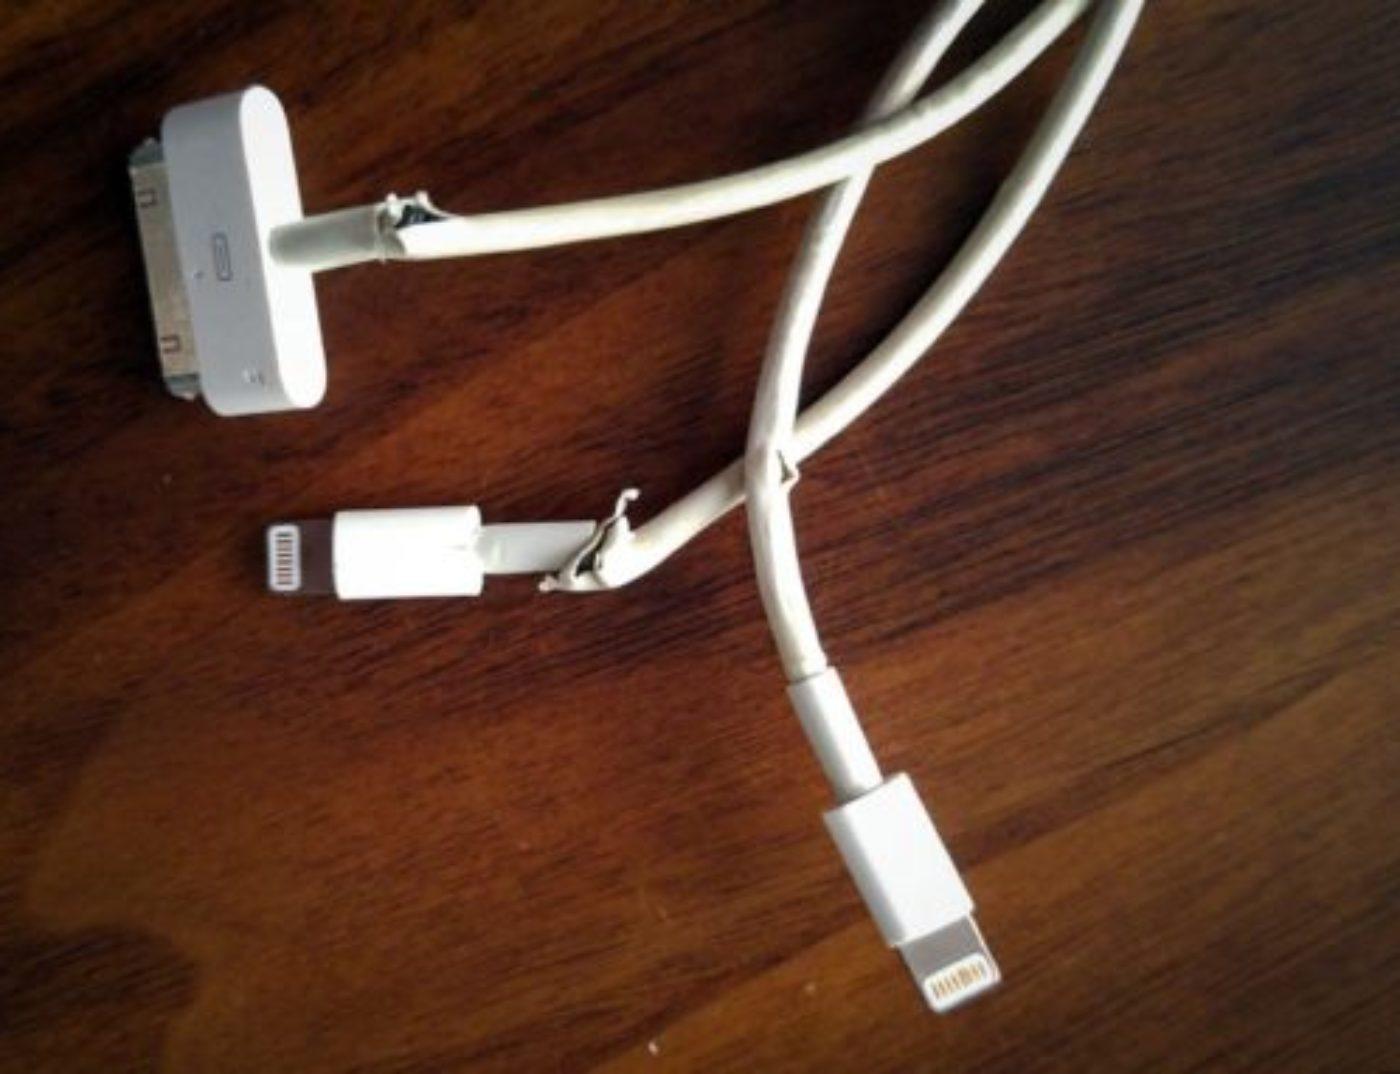 Как починить провод от Айфона: ремонт шнура от зарядки, iPhone 5, 6 и другие модели